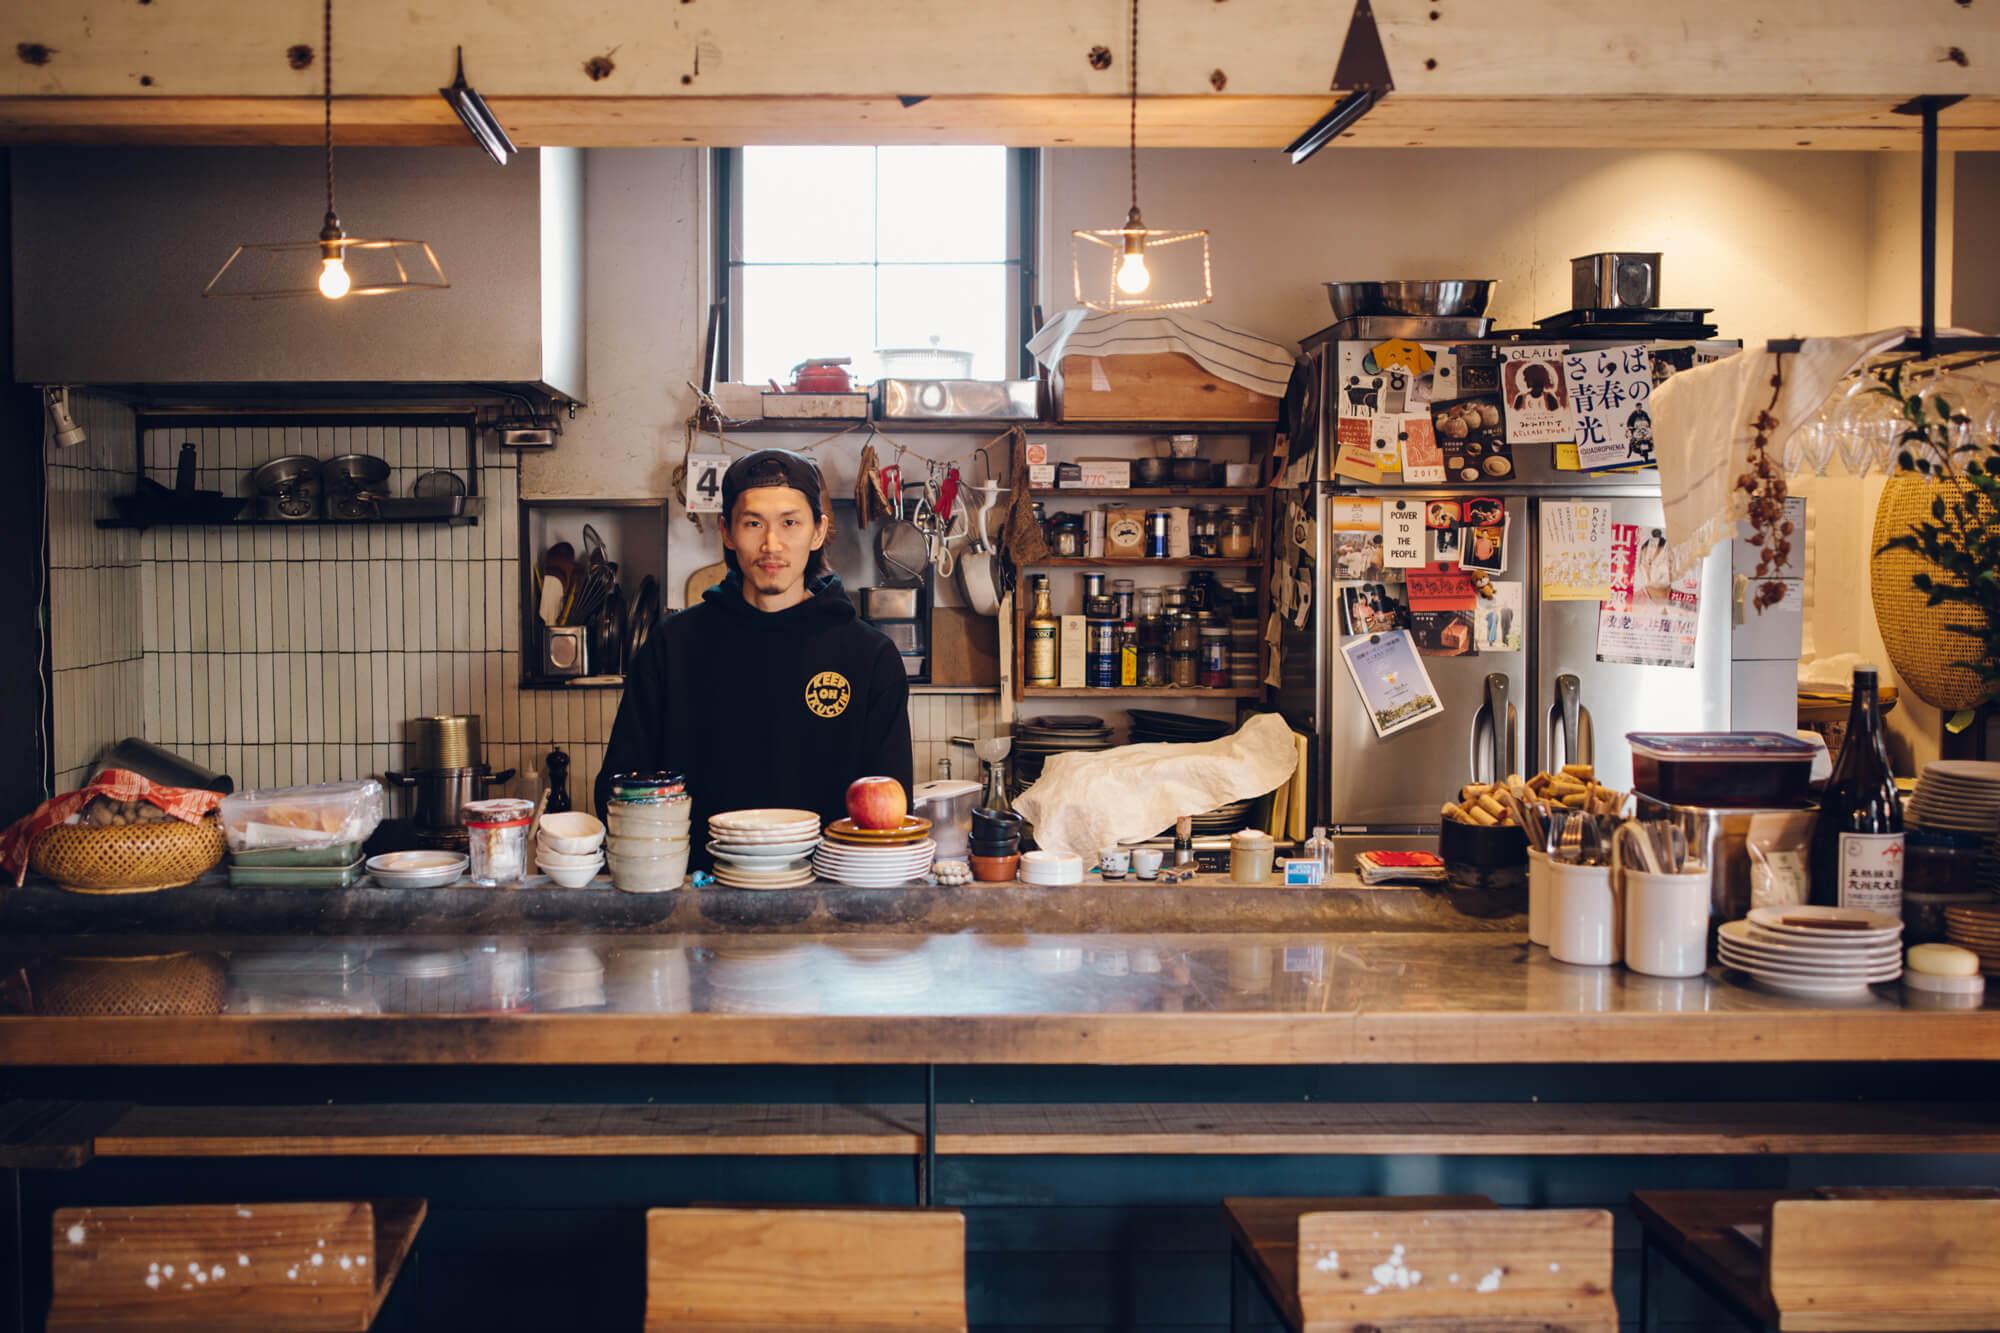 キッチンの中に立つ男性